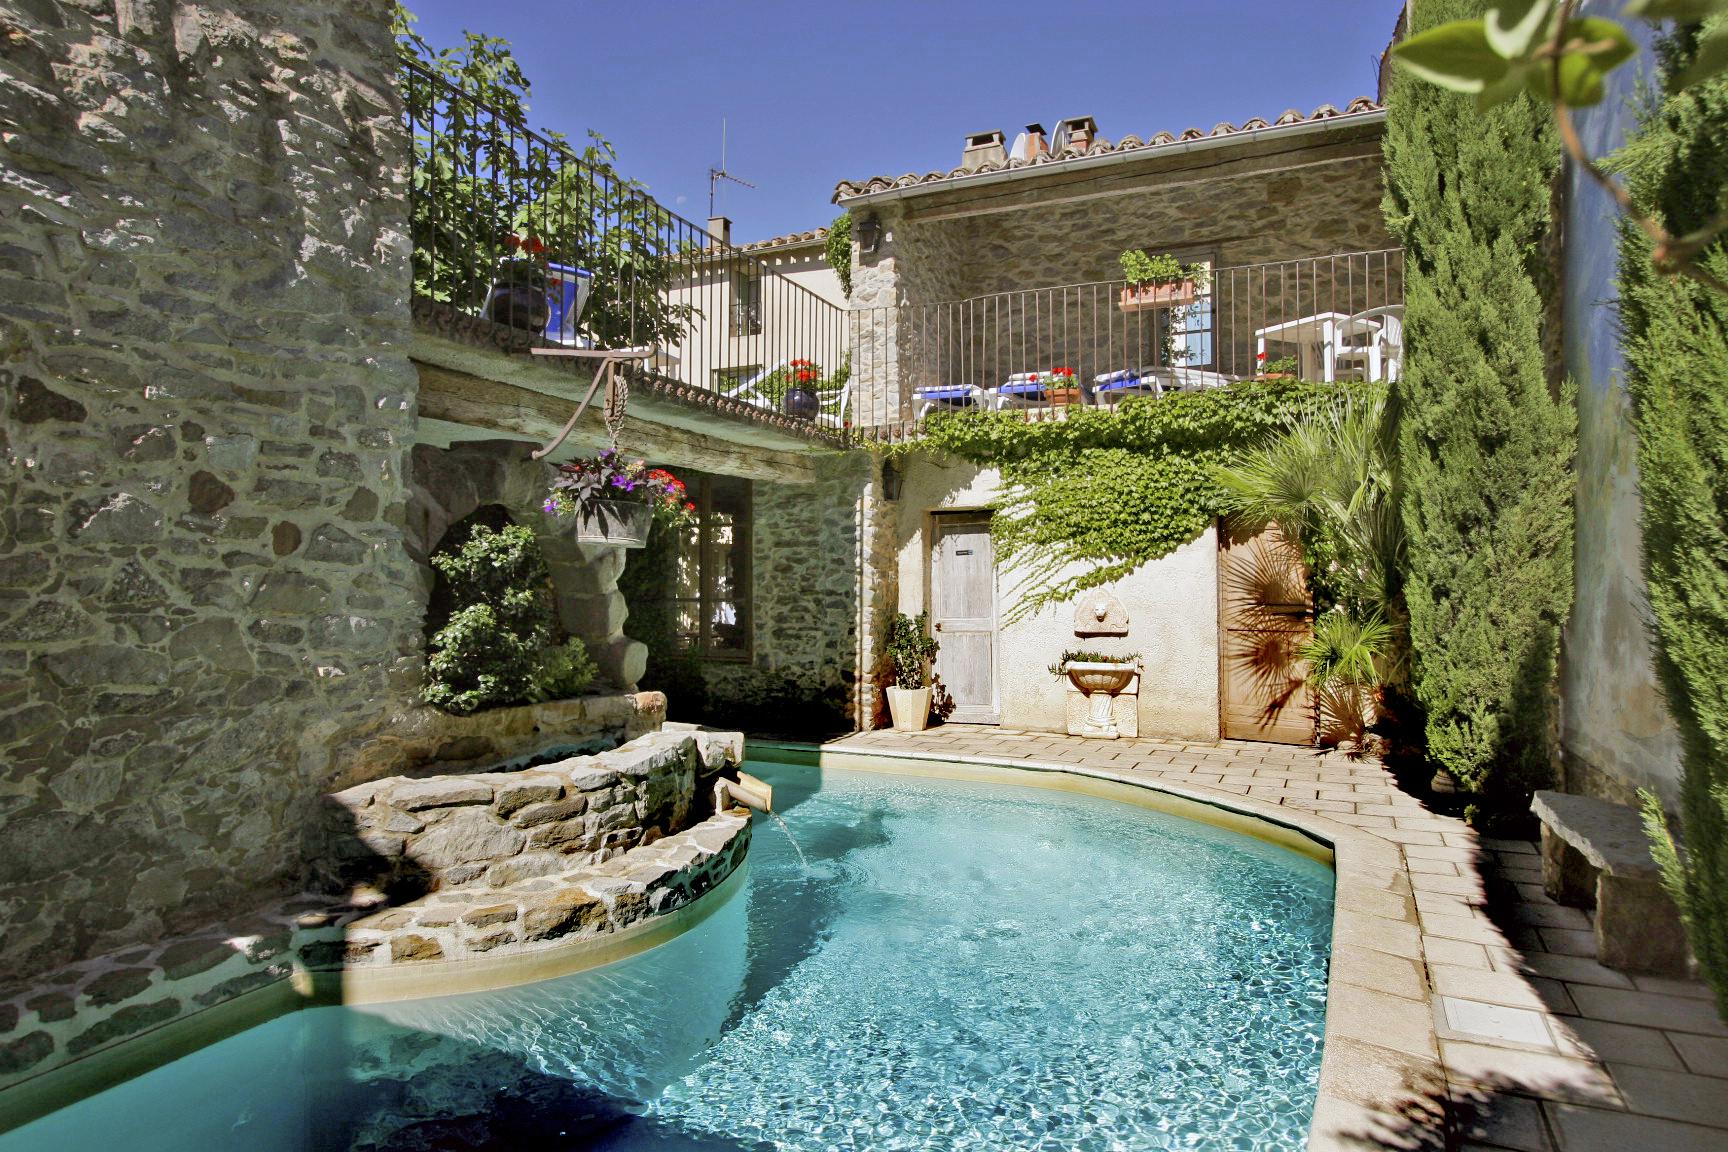 location vacances maison appartement villa et chalet a With maison a louer en espagne avec piscine 13 location vacances maison appartement villa et chalet 224